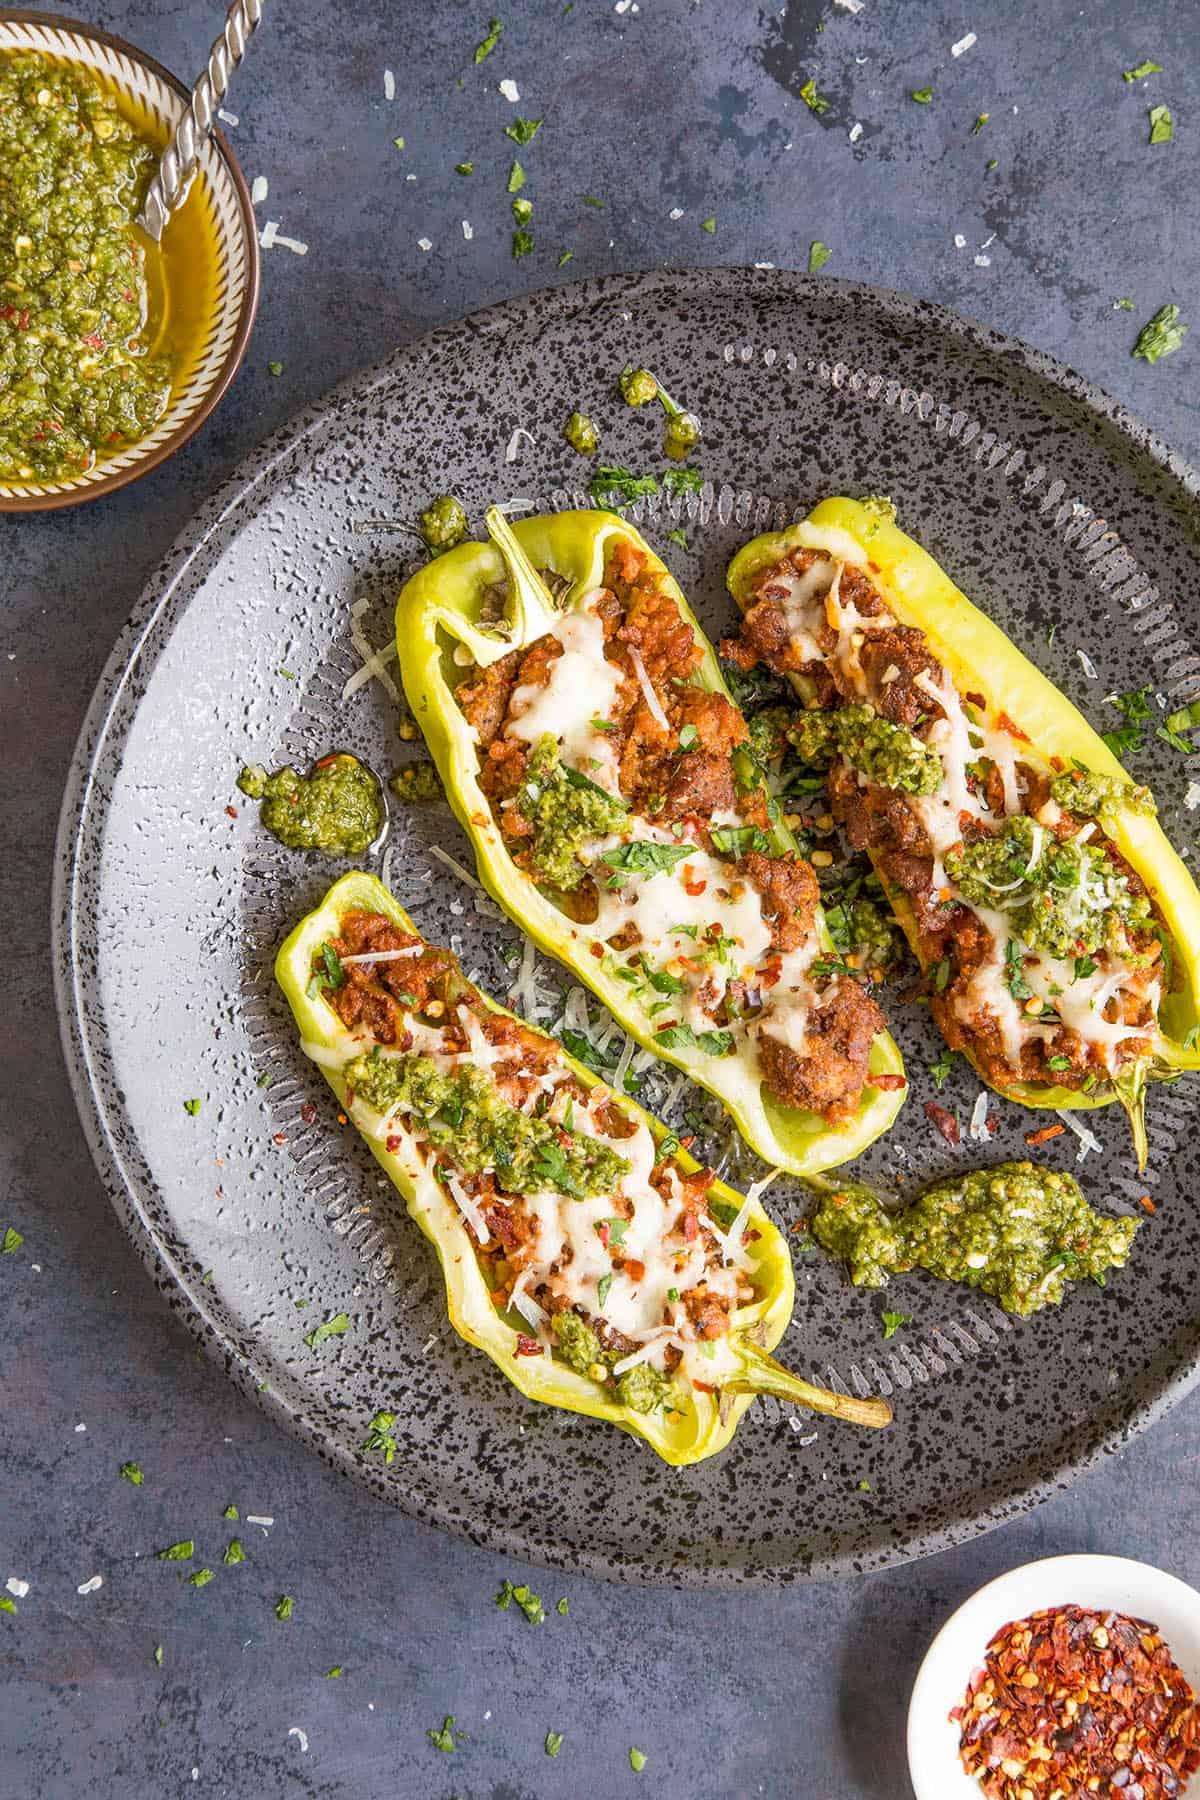 Turkey Stuffed Cubanelle Peppers - Ready to Eat!